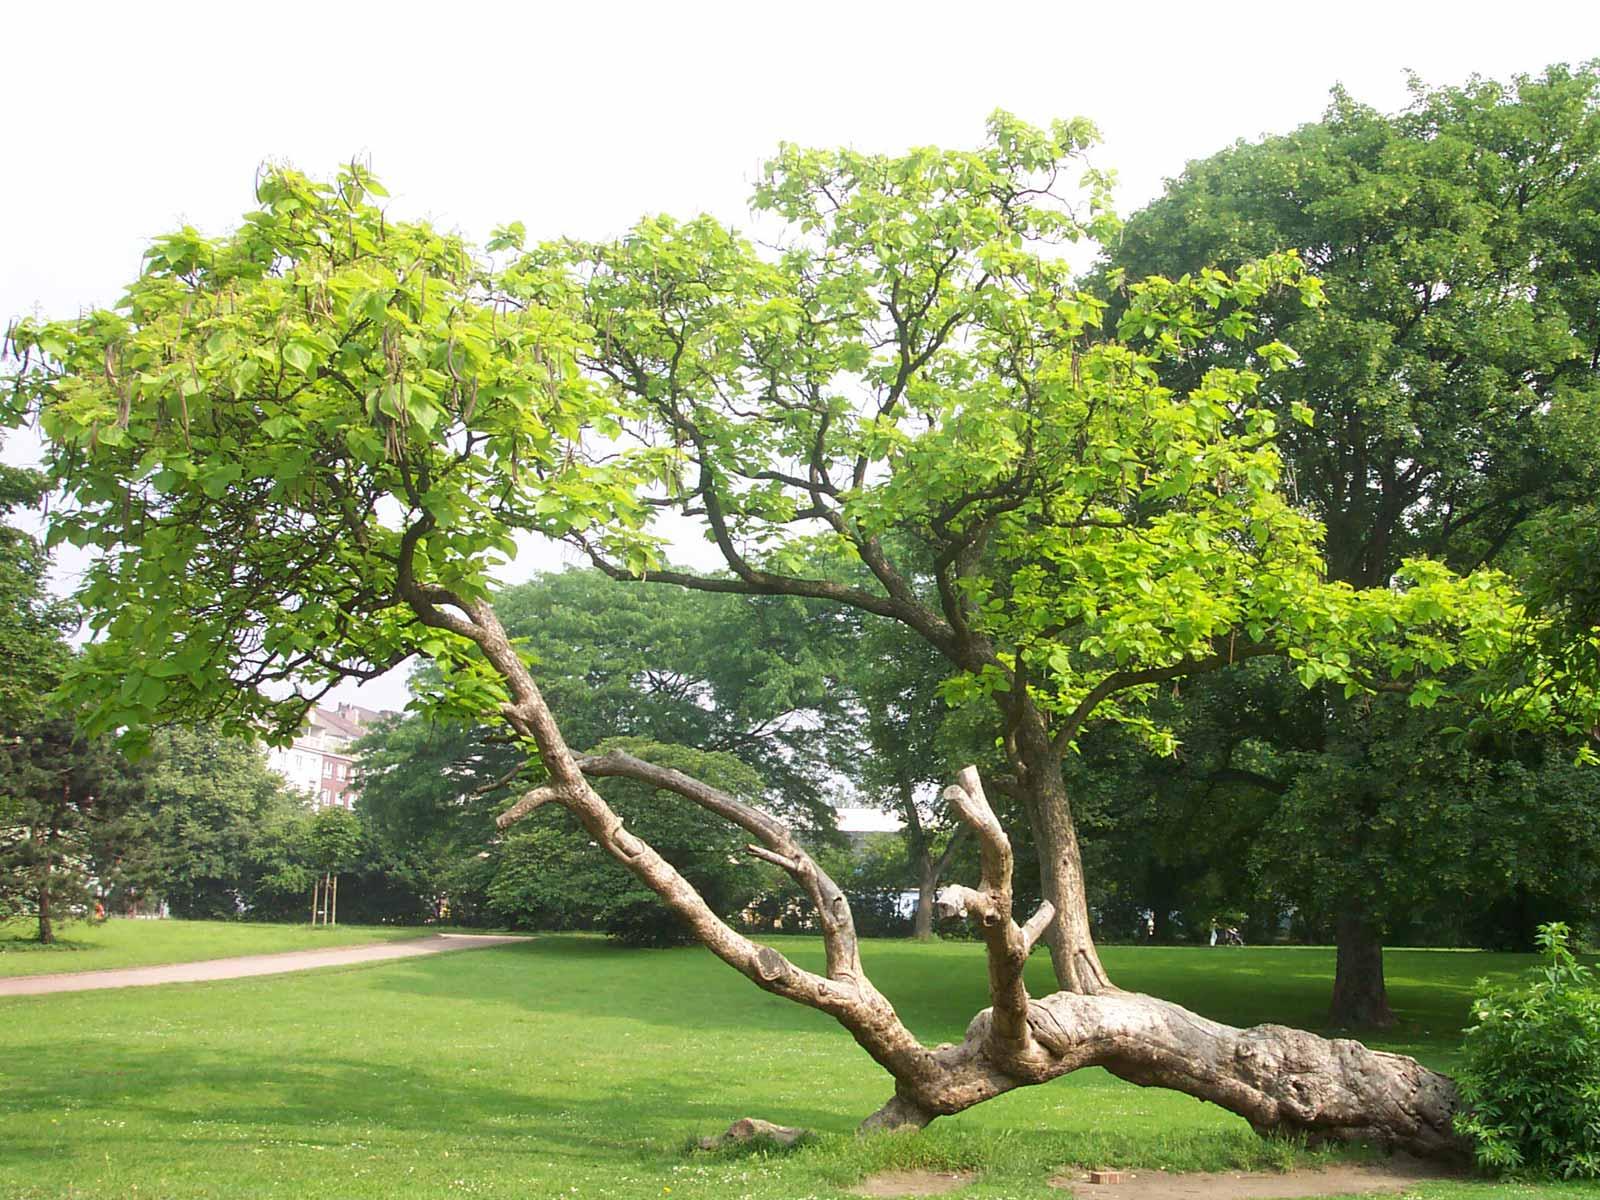 Trompetenbaum | Catalpa bignonioides